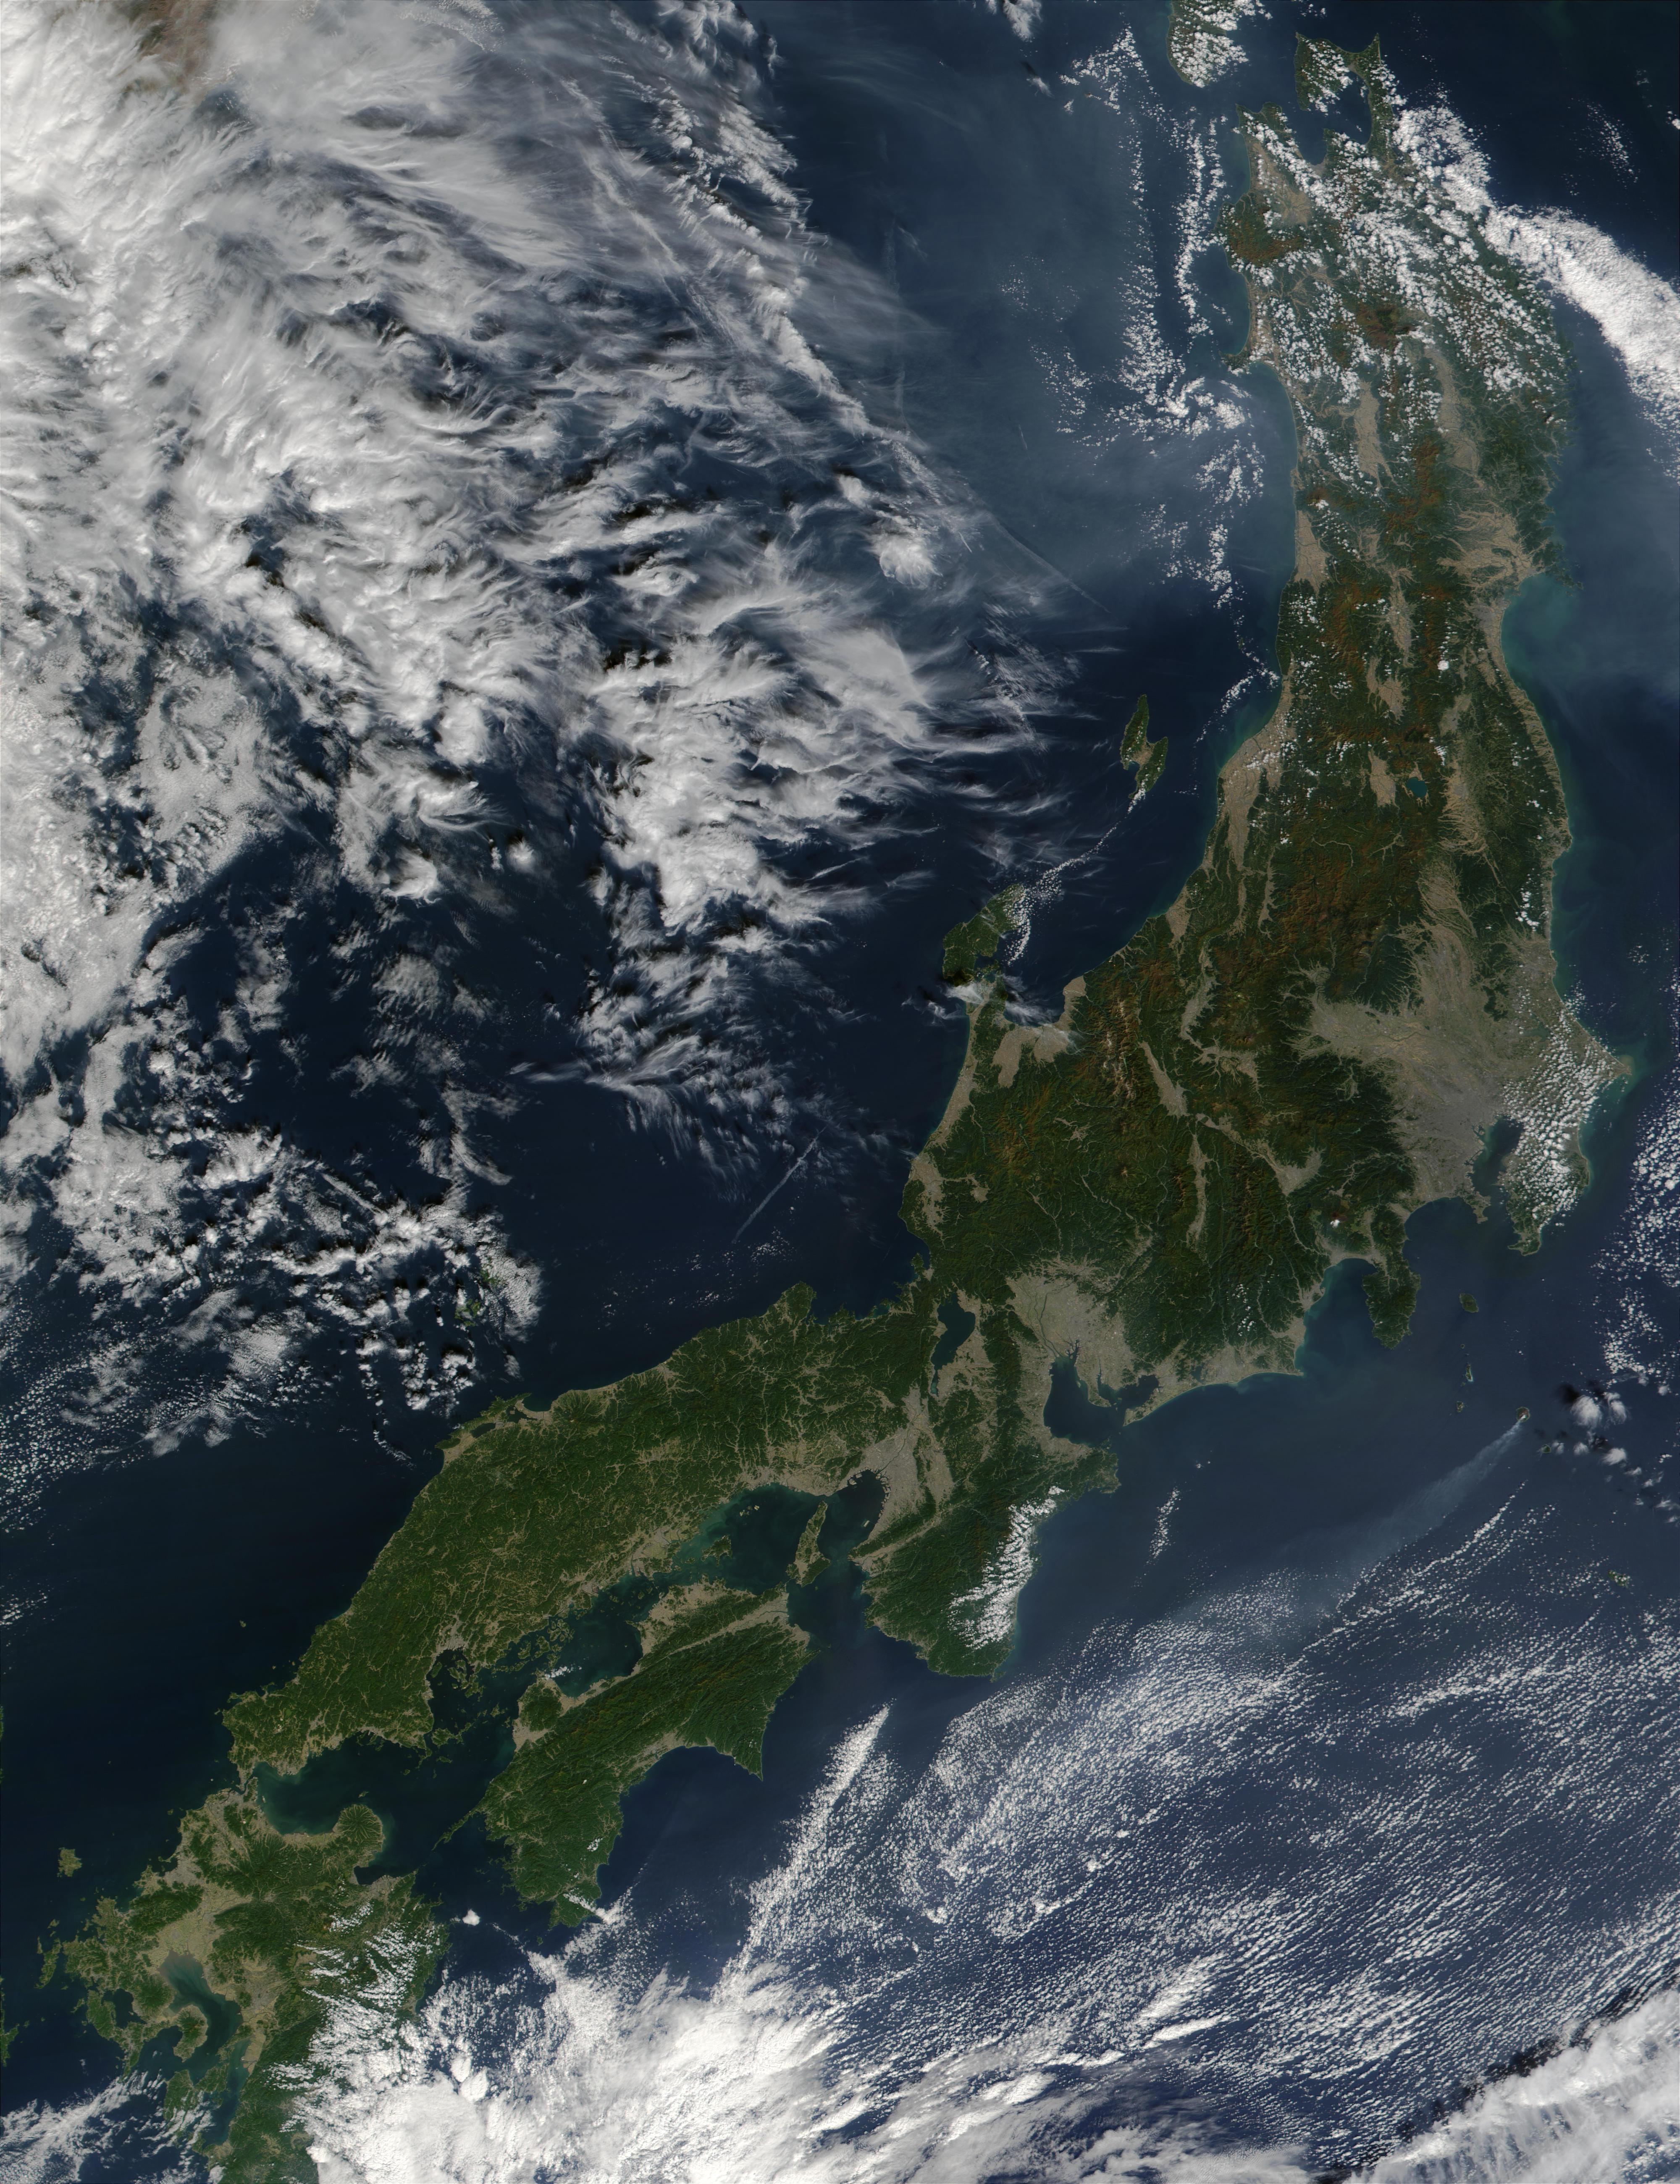 Honshu and Shikoku, Japan